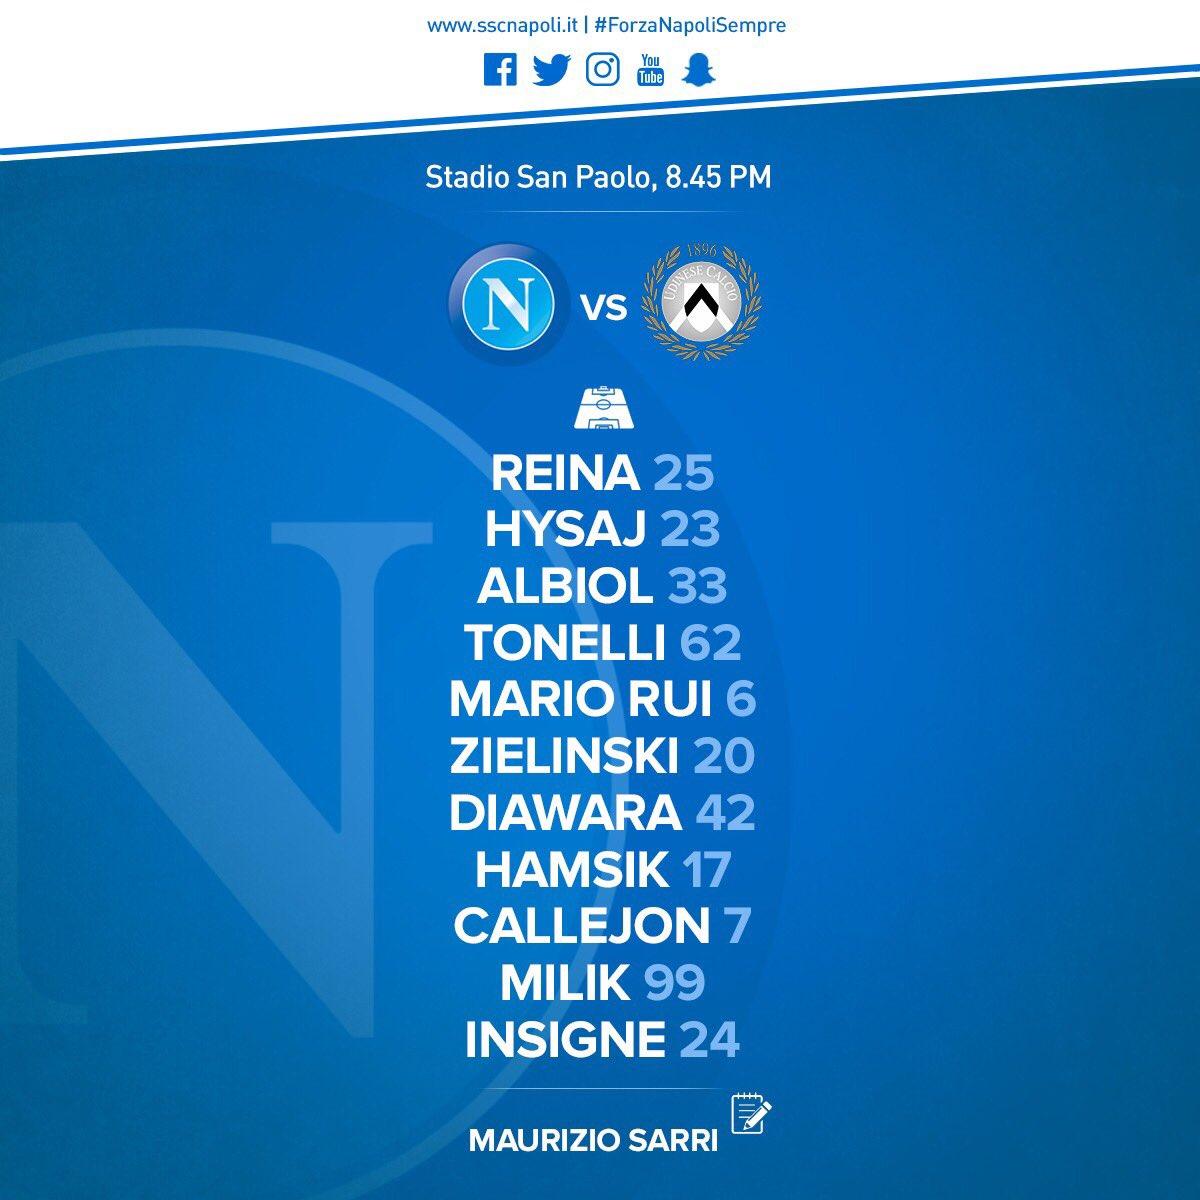 Napoli-Udinese, le formazioni ufficiali: Zielinski e Milik in campo, con Tonelli e Diawara